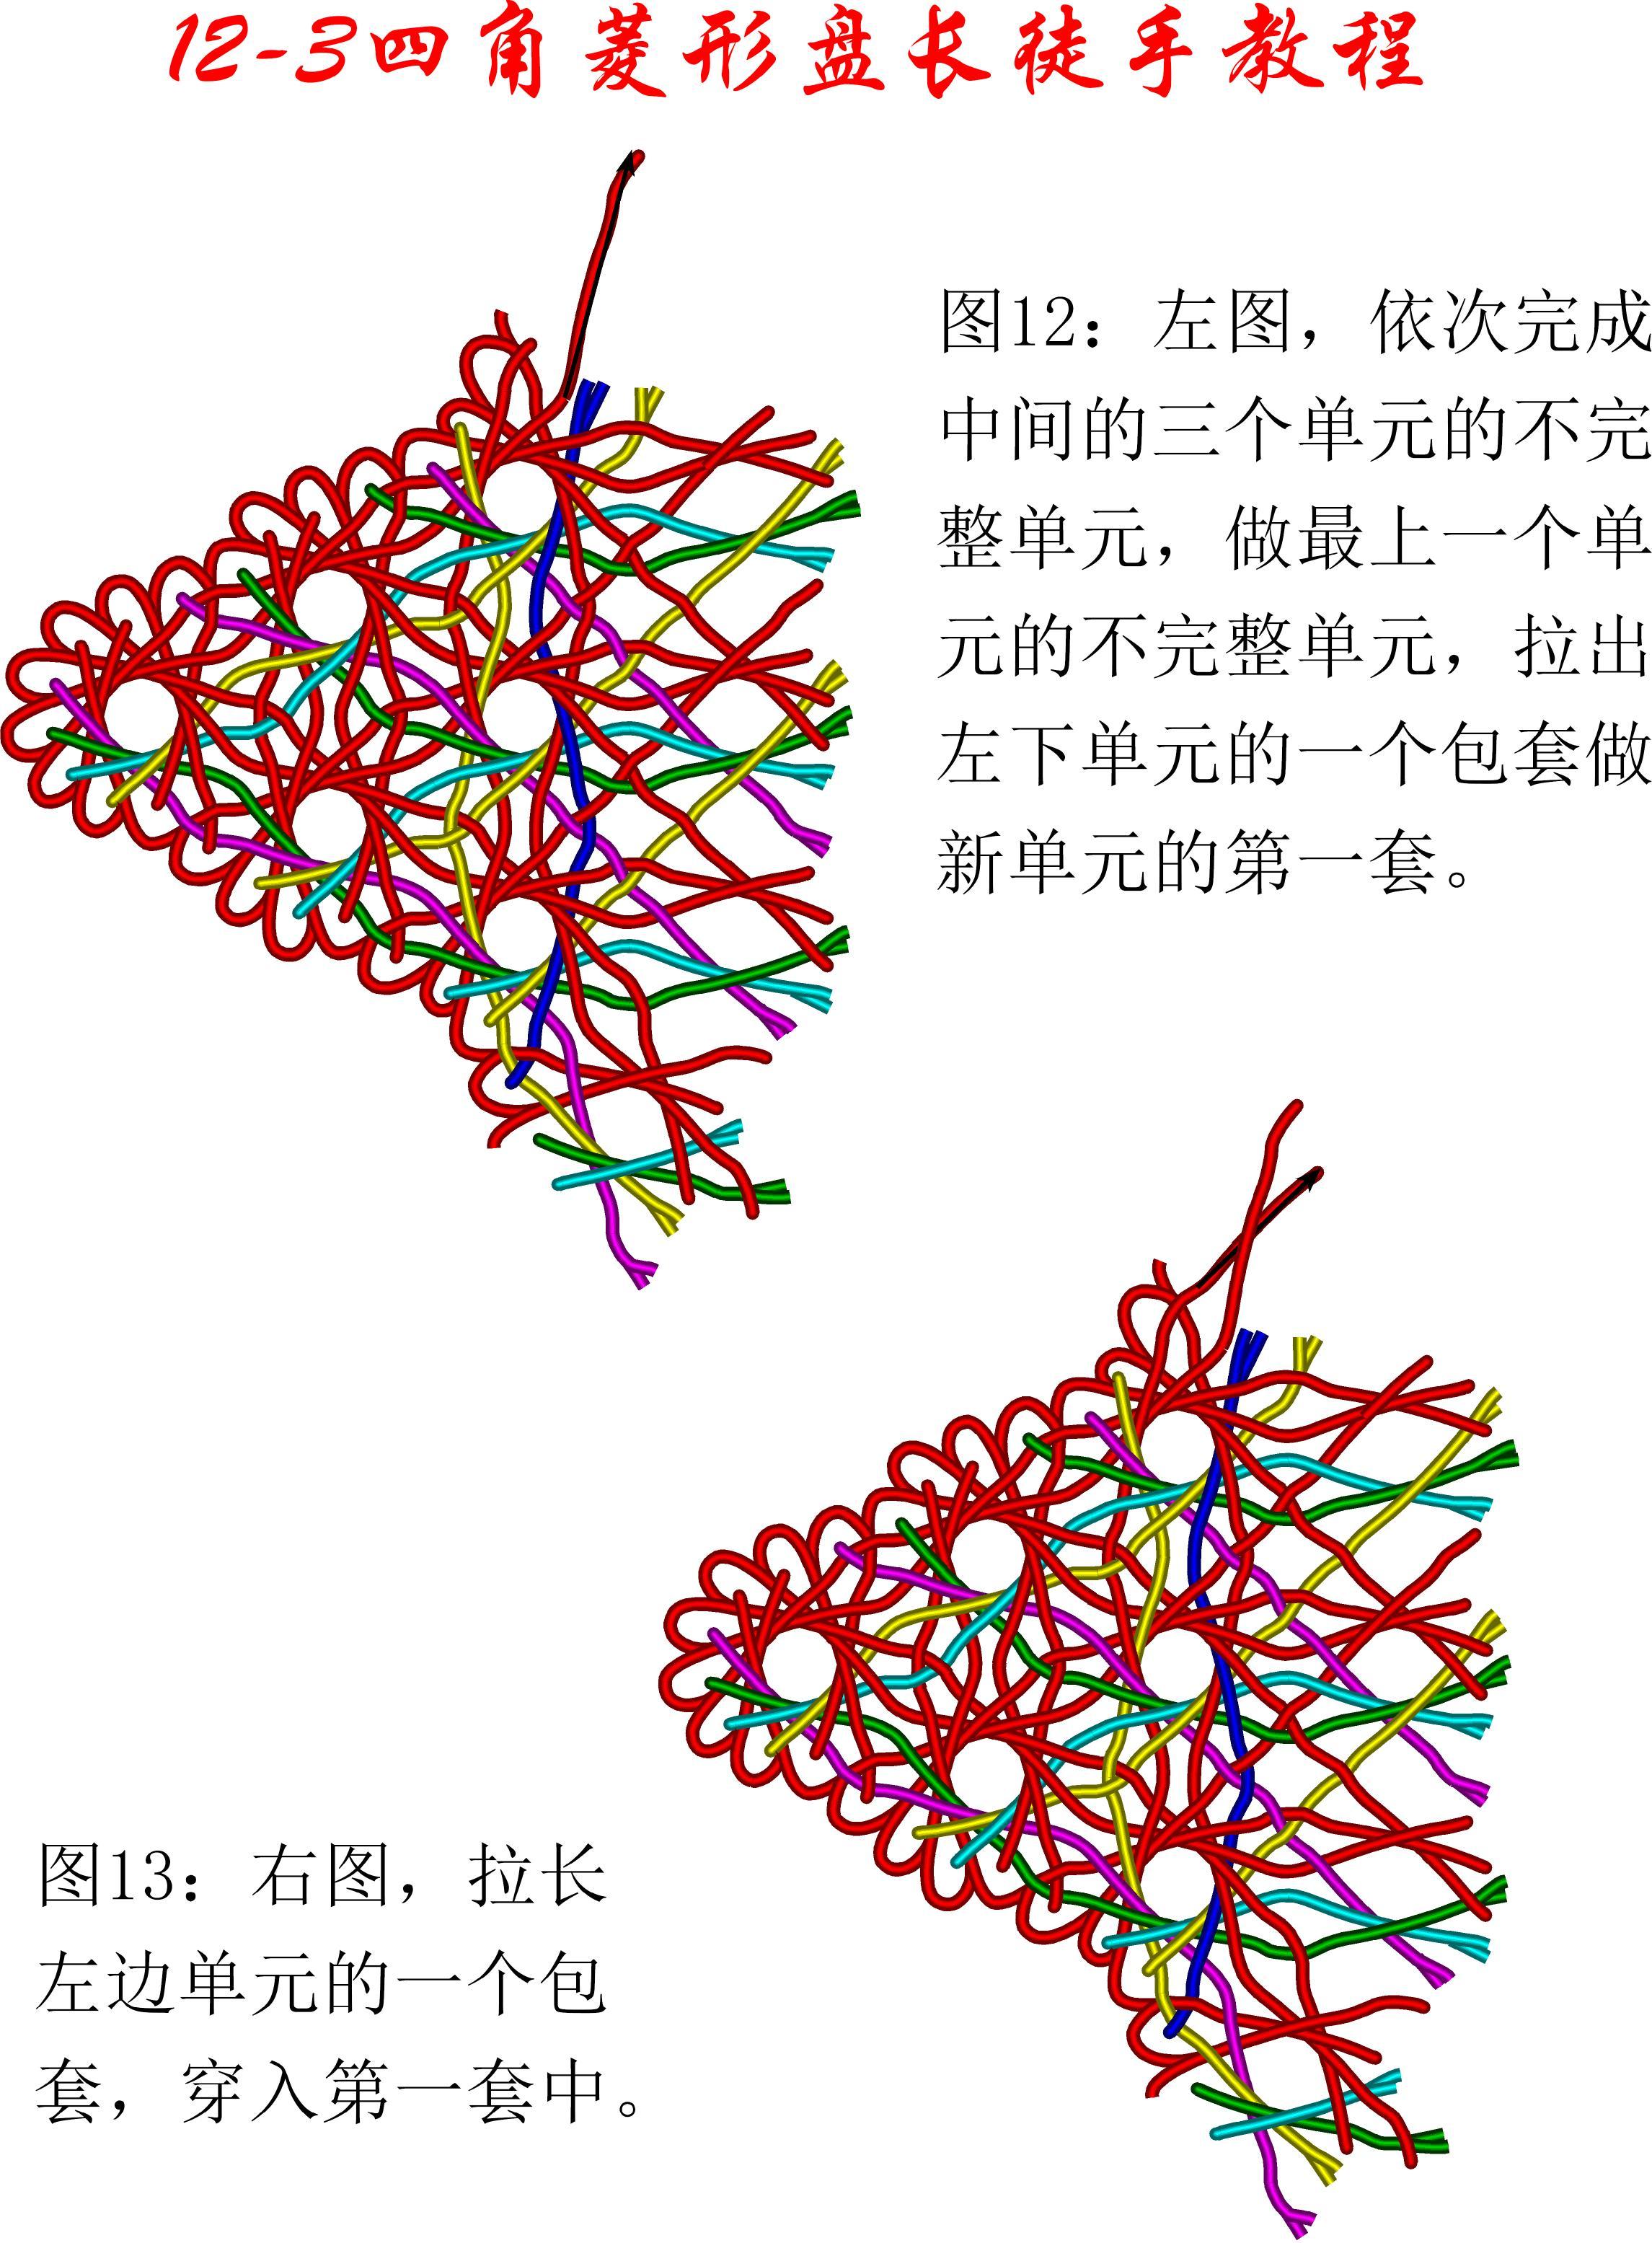 中国结论坛 12-3四角菱形盘长徒手教程 教程,菱形实心花的编织图解,长方形做菱形怎么做,长方形分菱形图解,菱形四边一样长吗 丑丑徒手编结 133836oq2qxv4udcfln88g